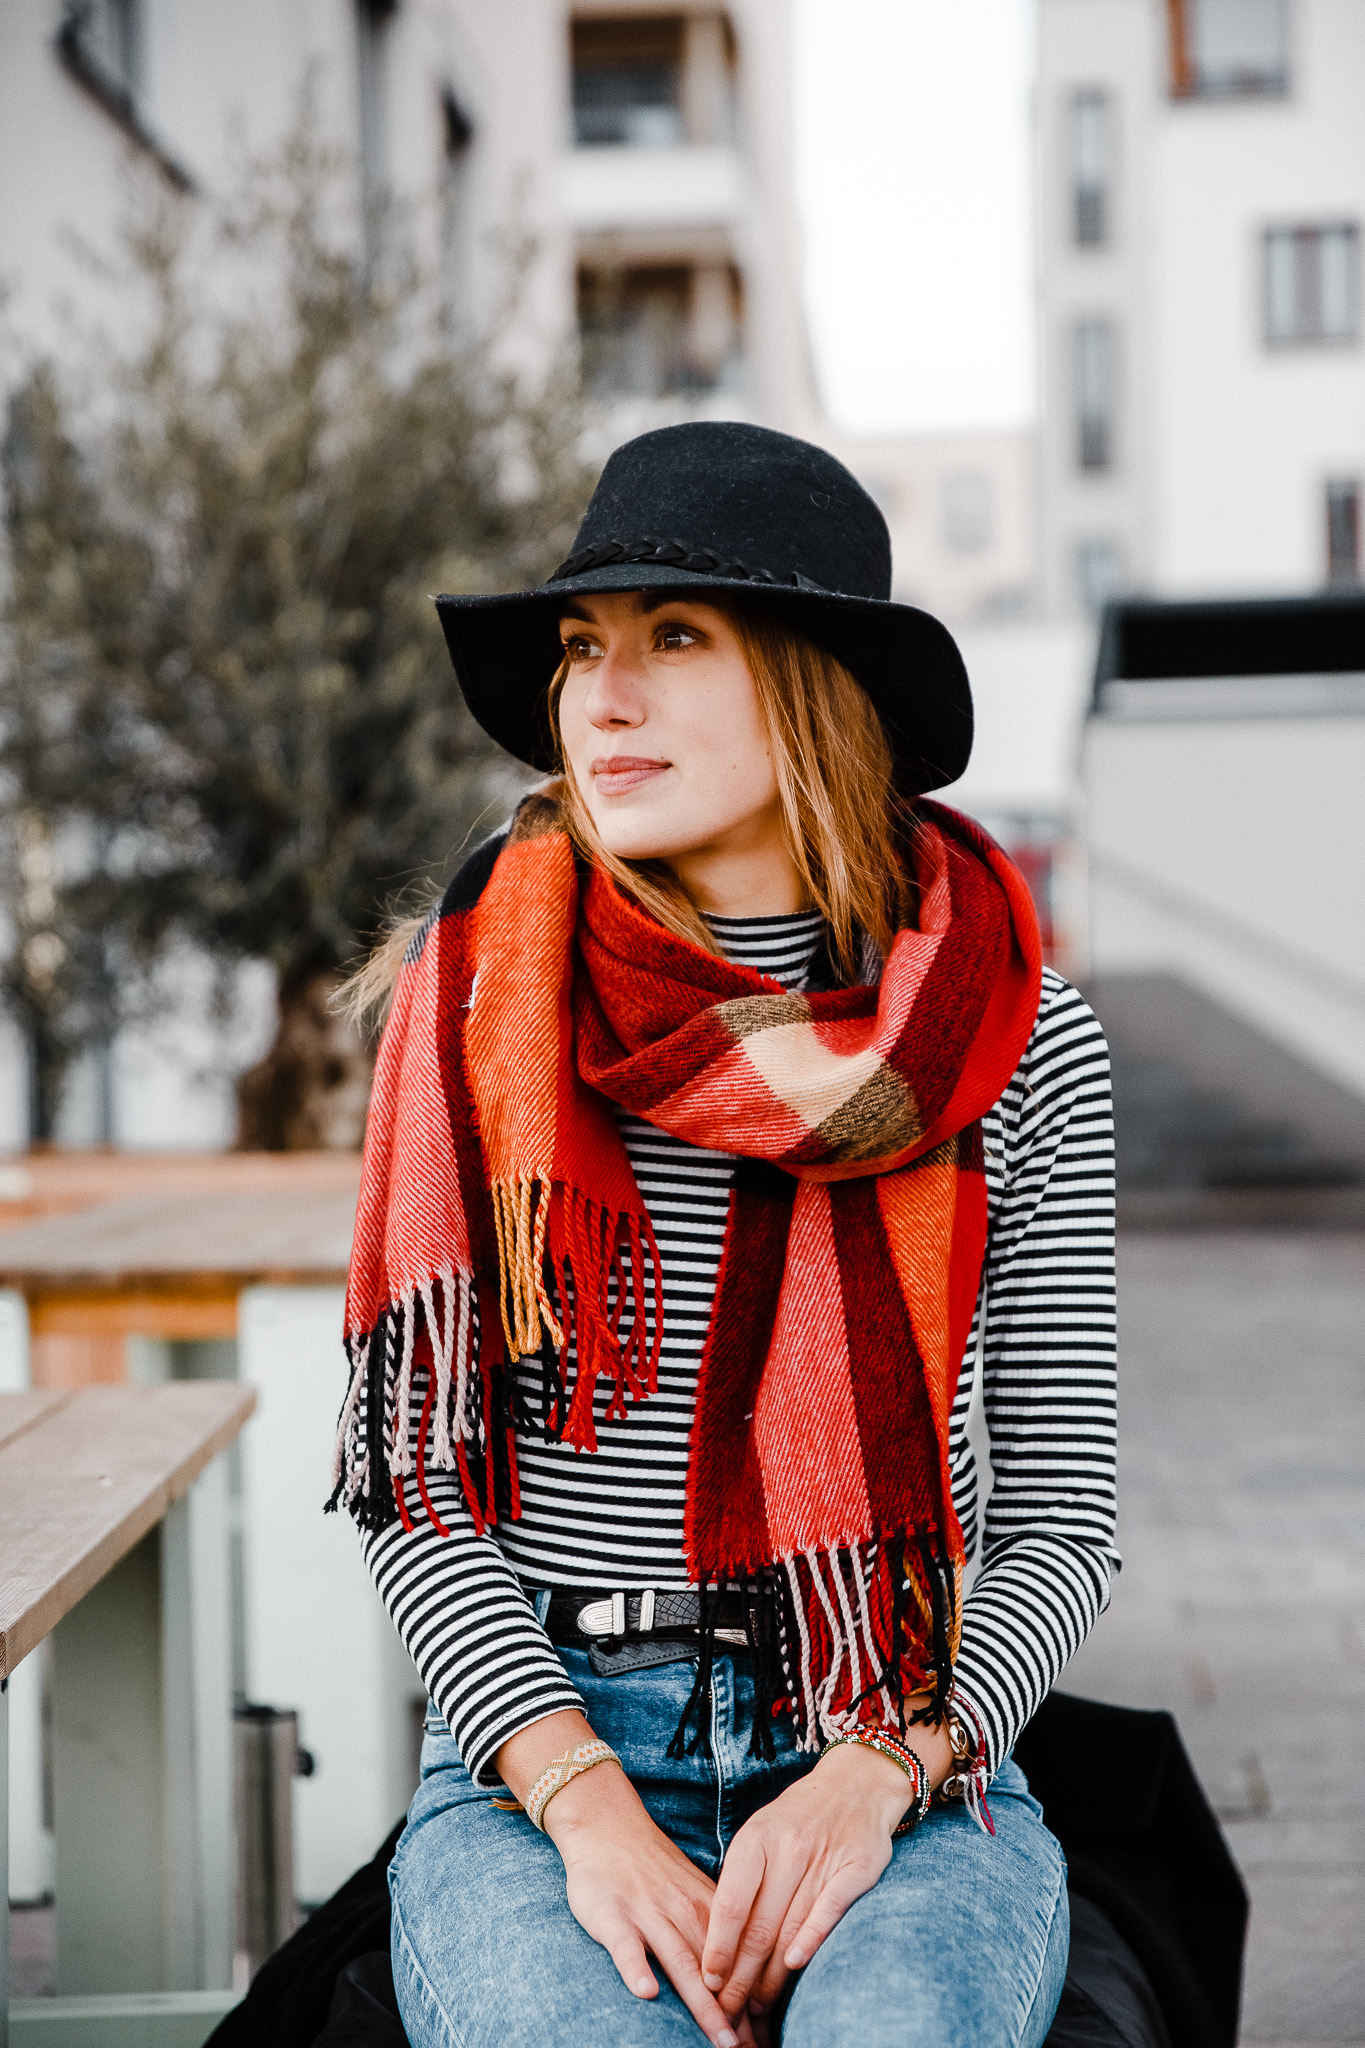 How to Style: In der kalten Jahreszeit